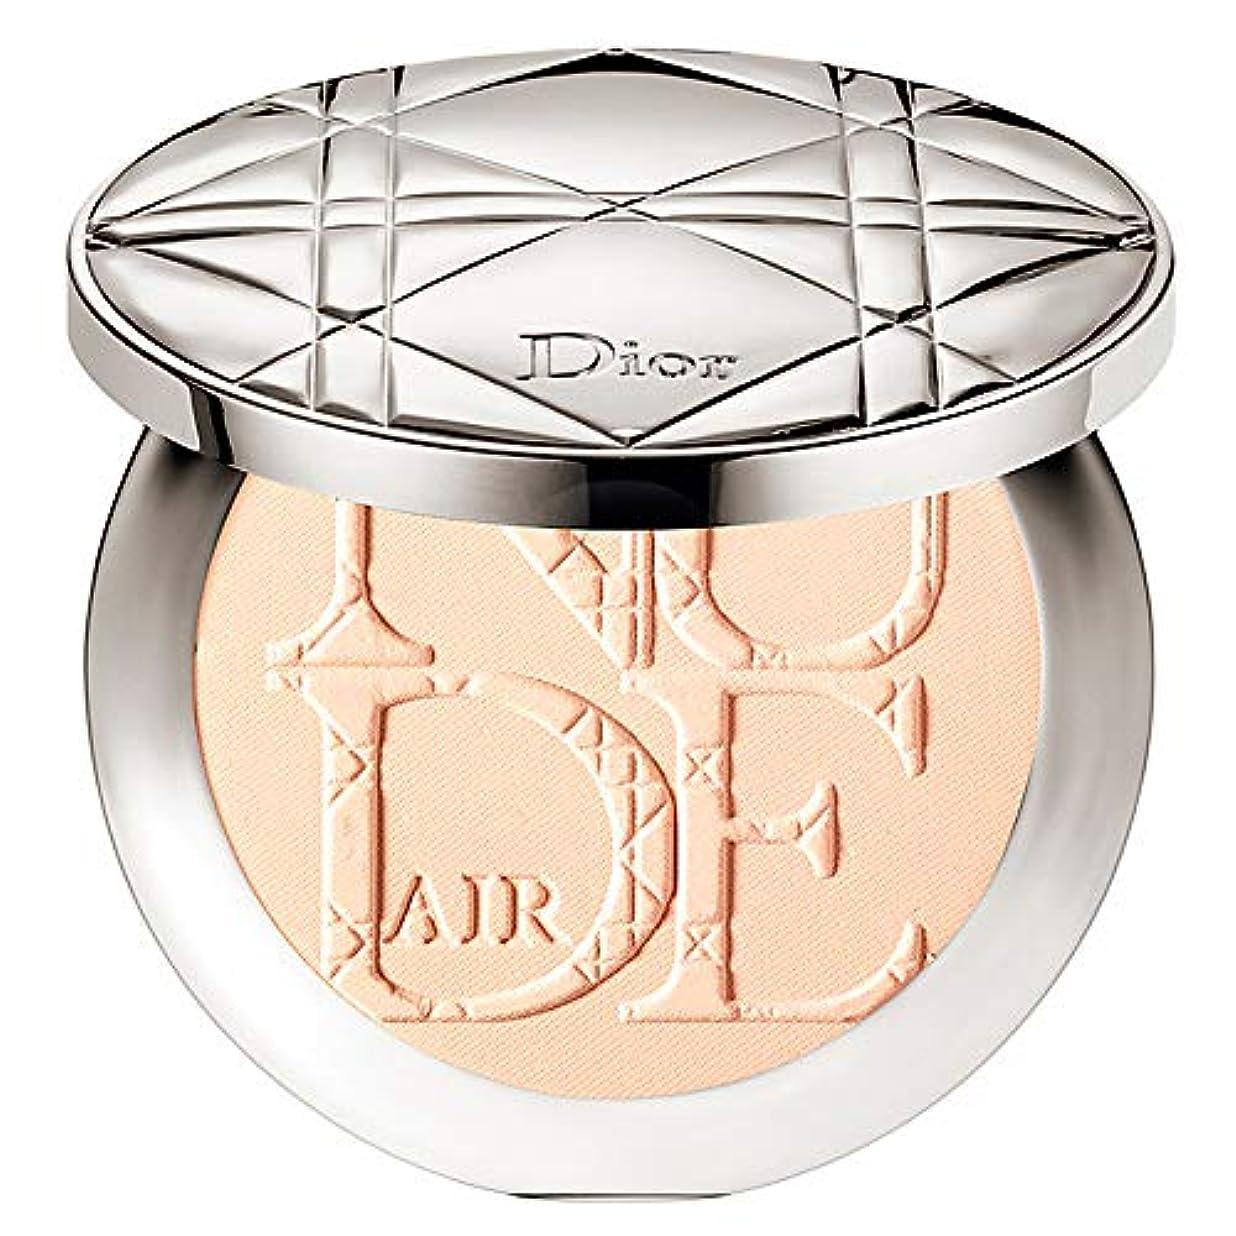 正義早い今後クリスチャンディオール Diorskin Nude Air Healthy Glow Invisible Powder (With Kabuki Brush) - # 010 Ivory 10g/0.35oz並行輸入品